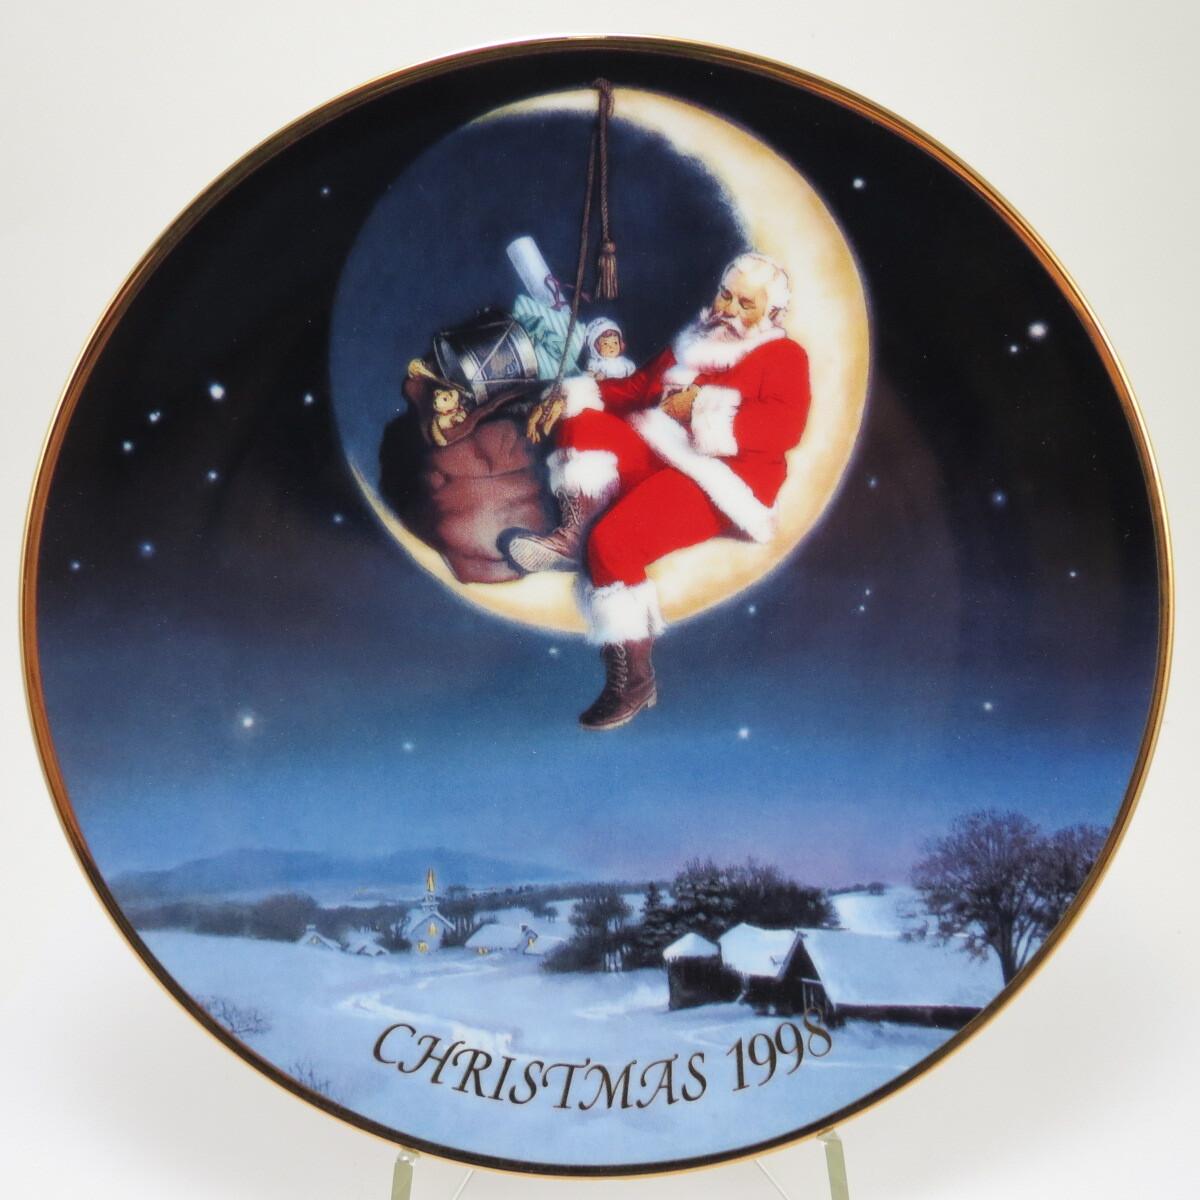 """Декоративная коллекционная тарелка """"Рождество 1998: Поздравления от Санты"""". Фарфор, деколь, золочение. Avon Products, Inc., США, 1998."""